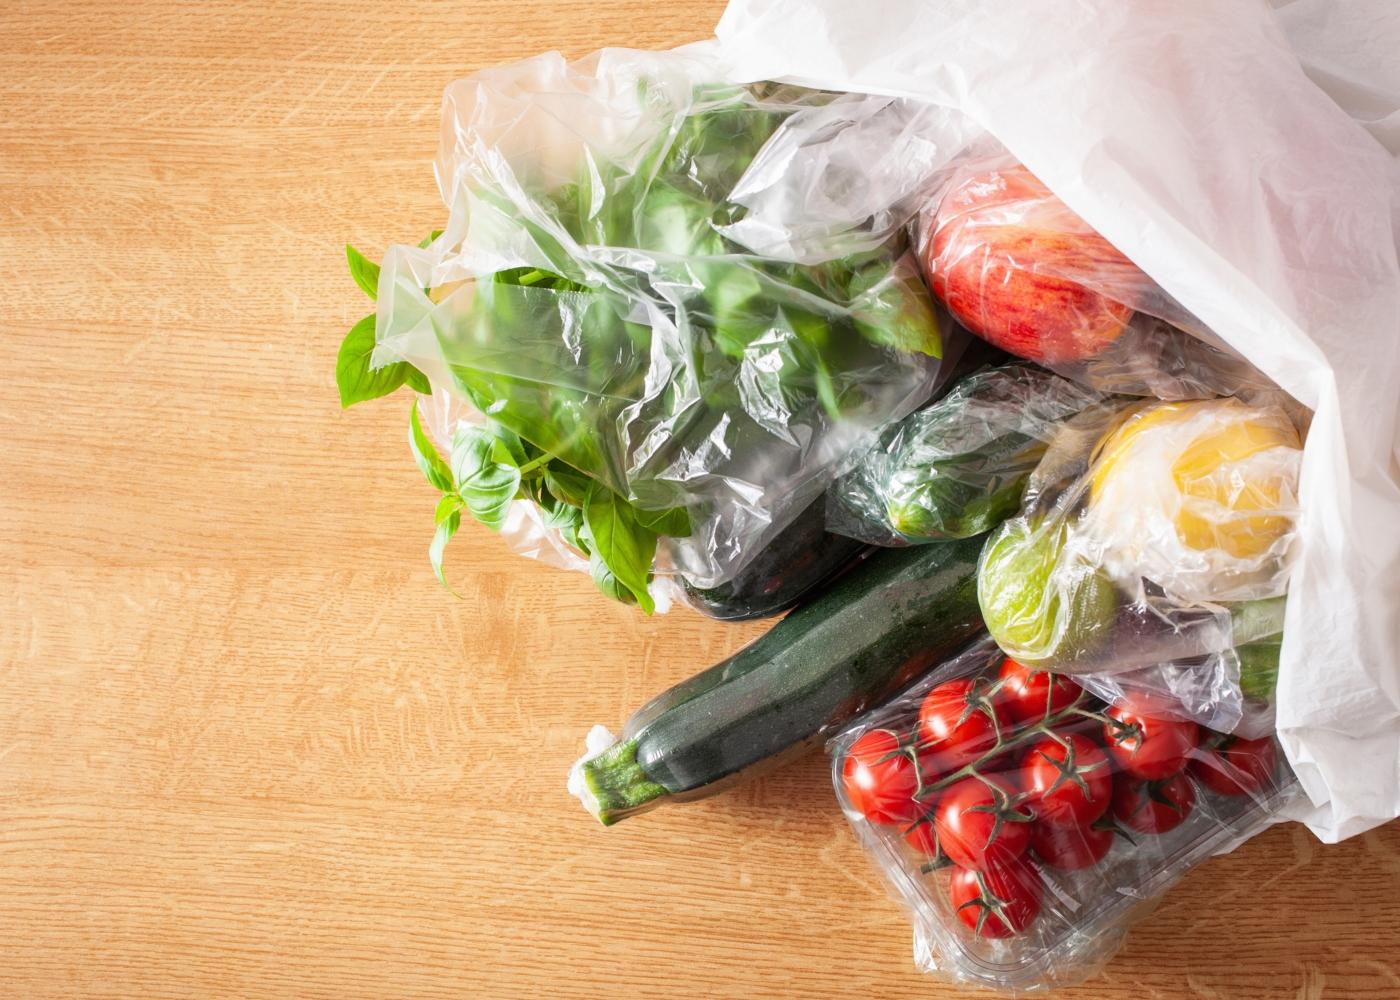 Fruta e legumes em sacos plásticos